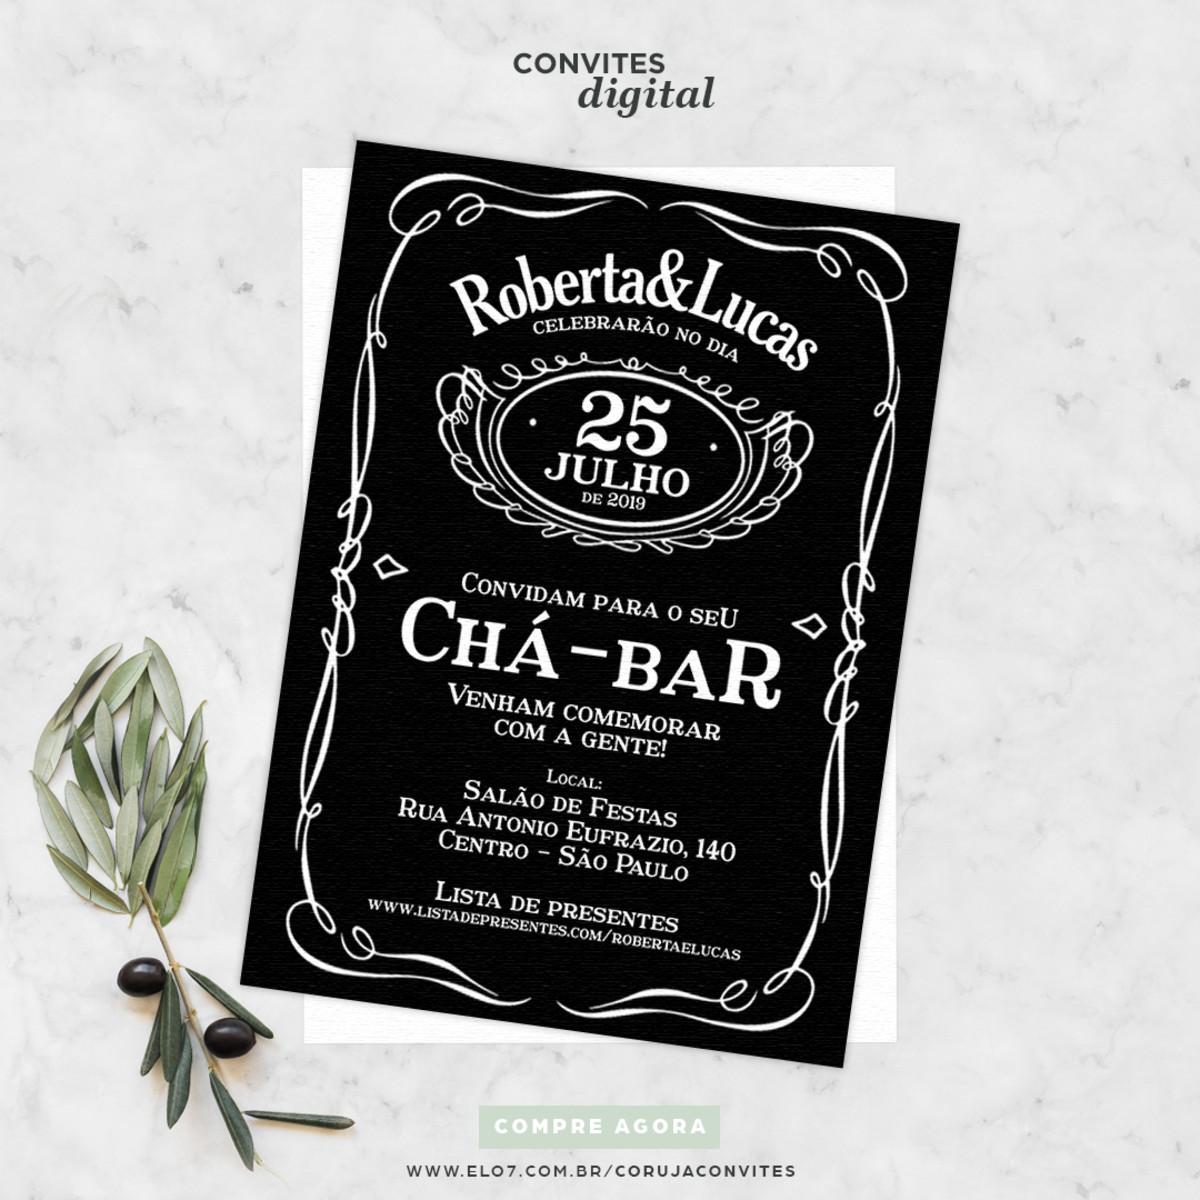 Convite Digital Cha Bar Preto E Branco No Elo7 Coruja Convites